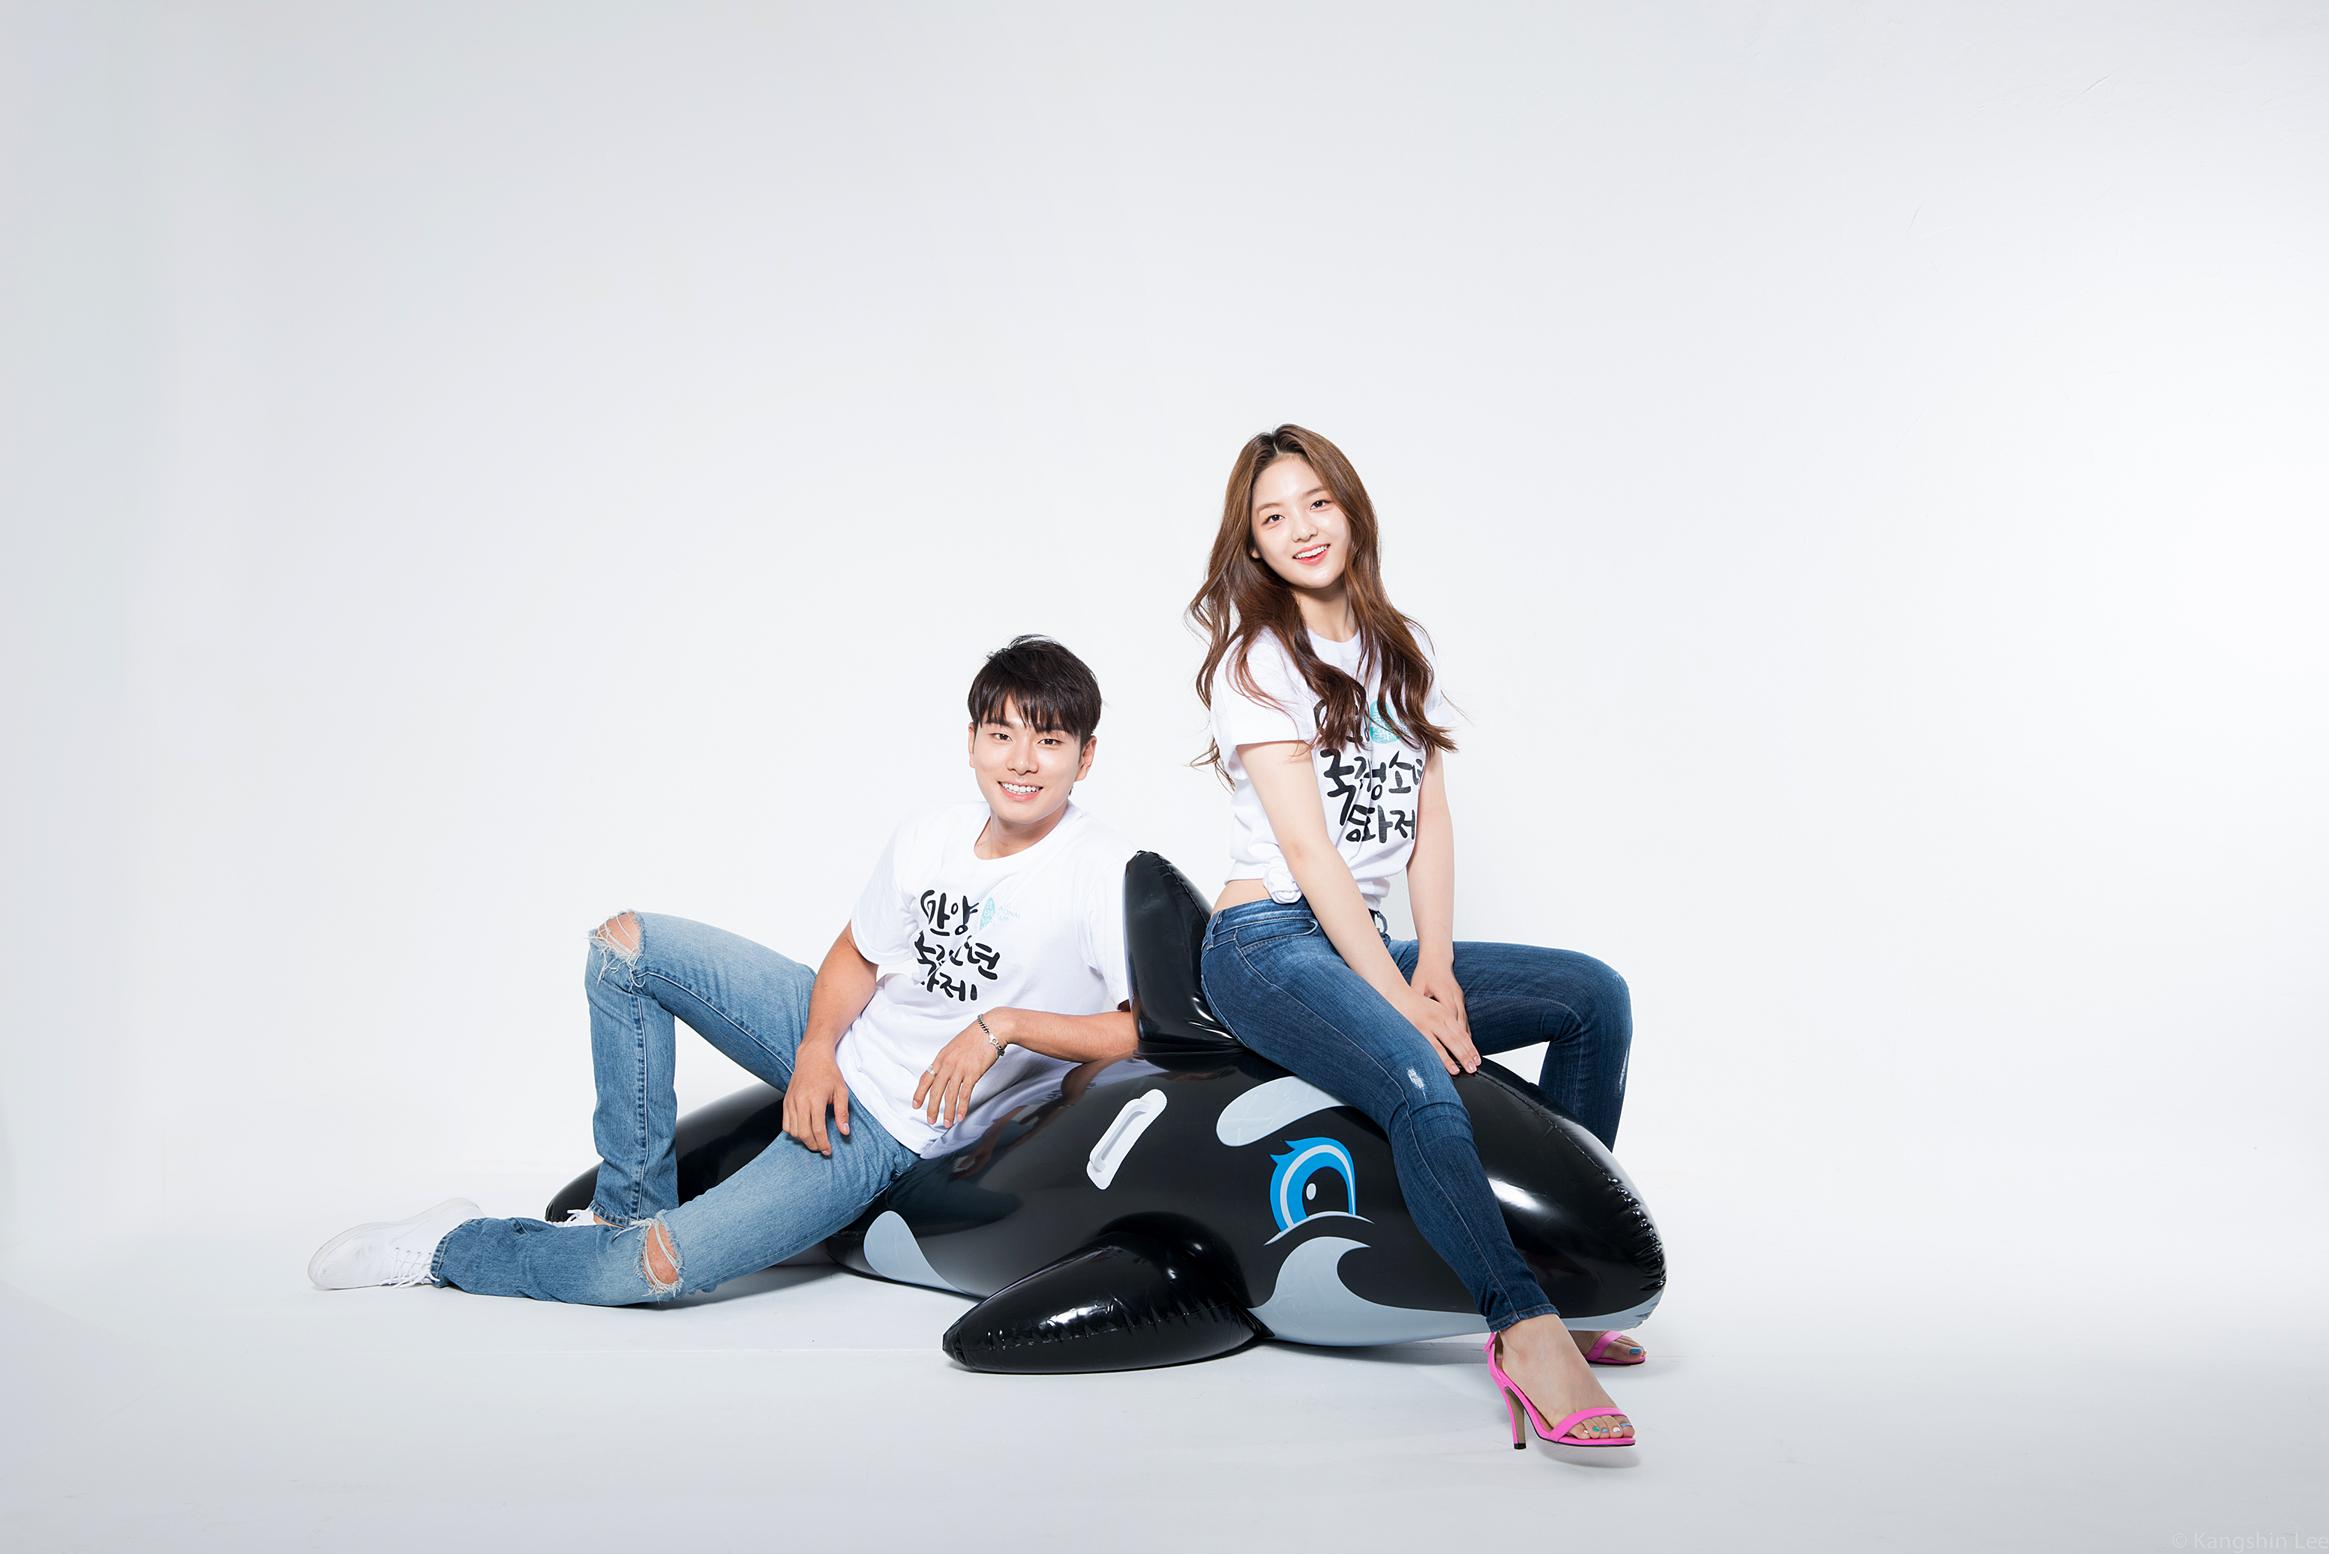 안양 국제 청소년 영화제 포스터촬영 - 이이경과 ...